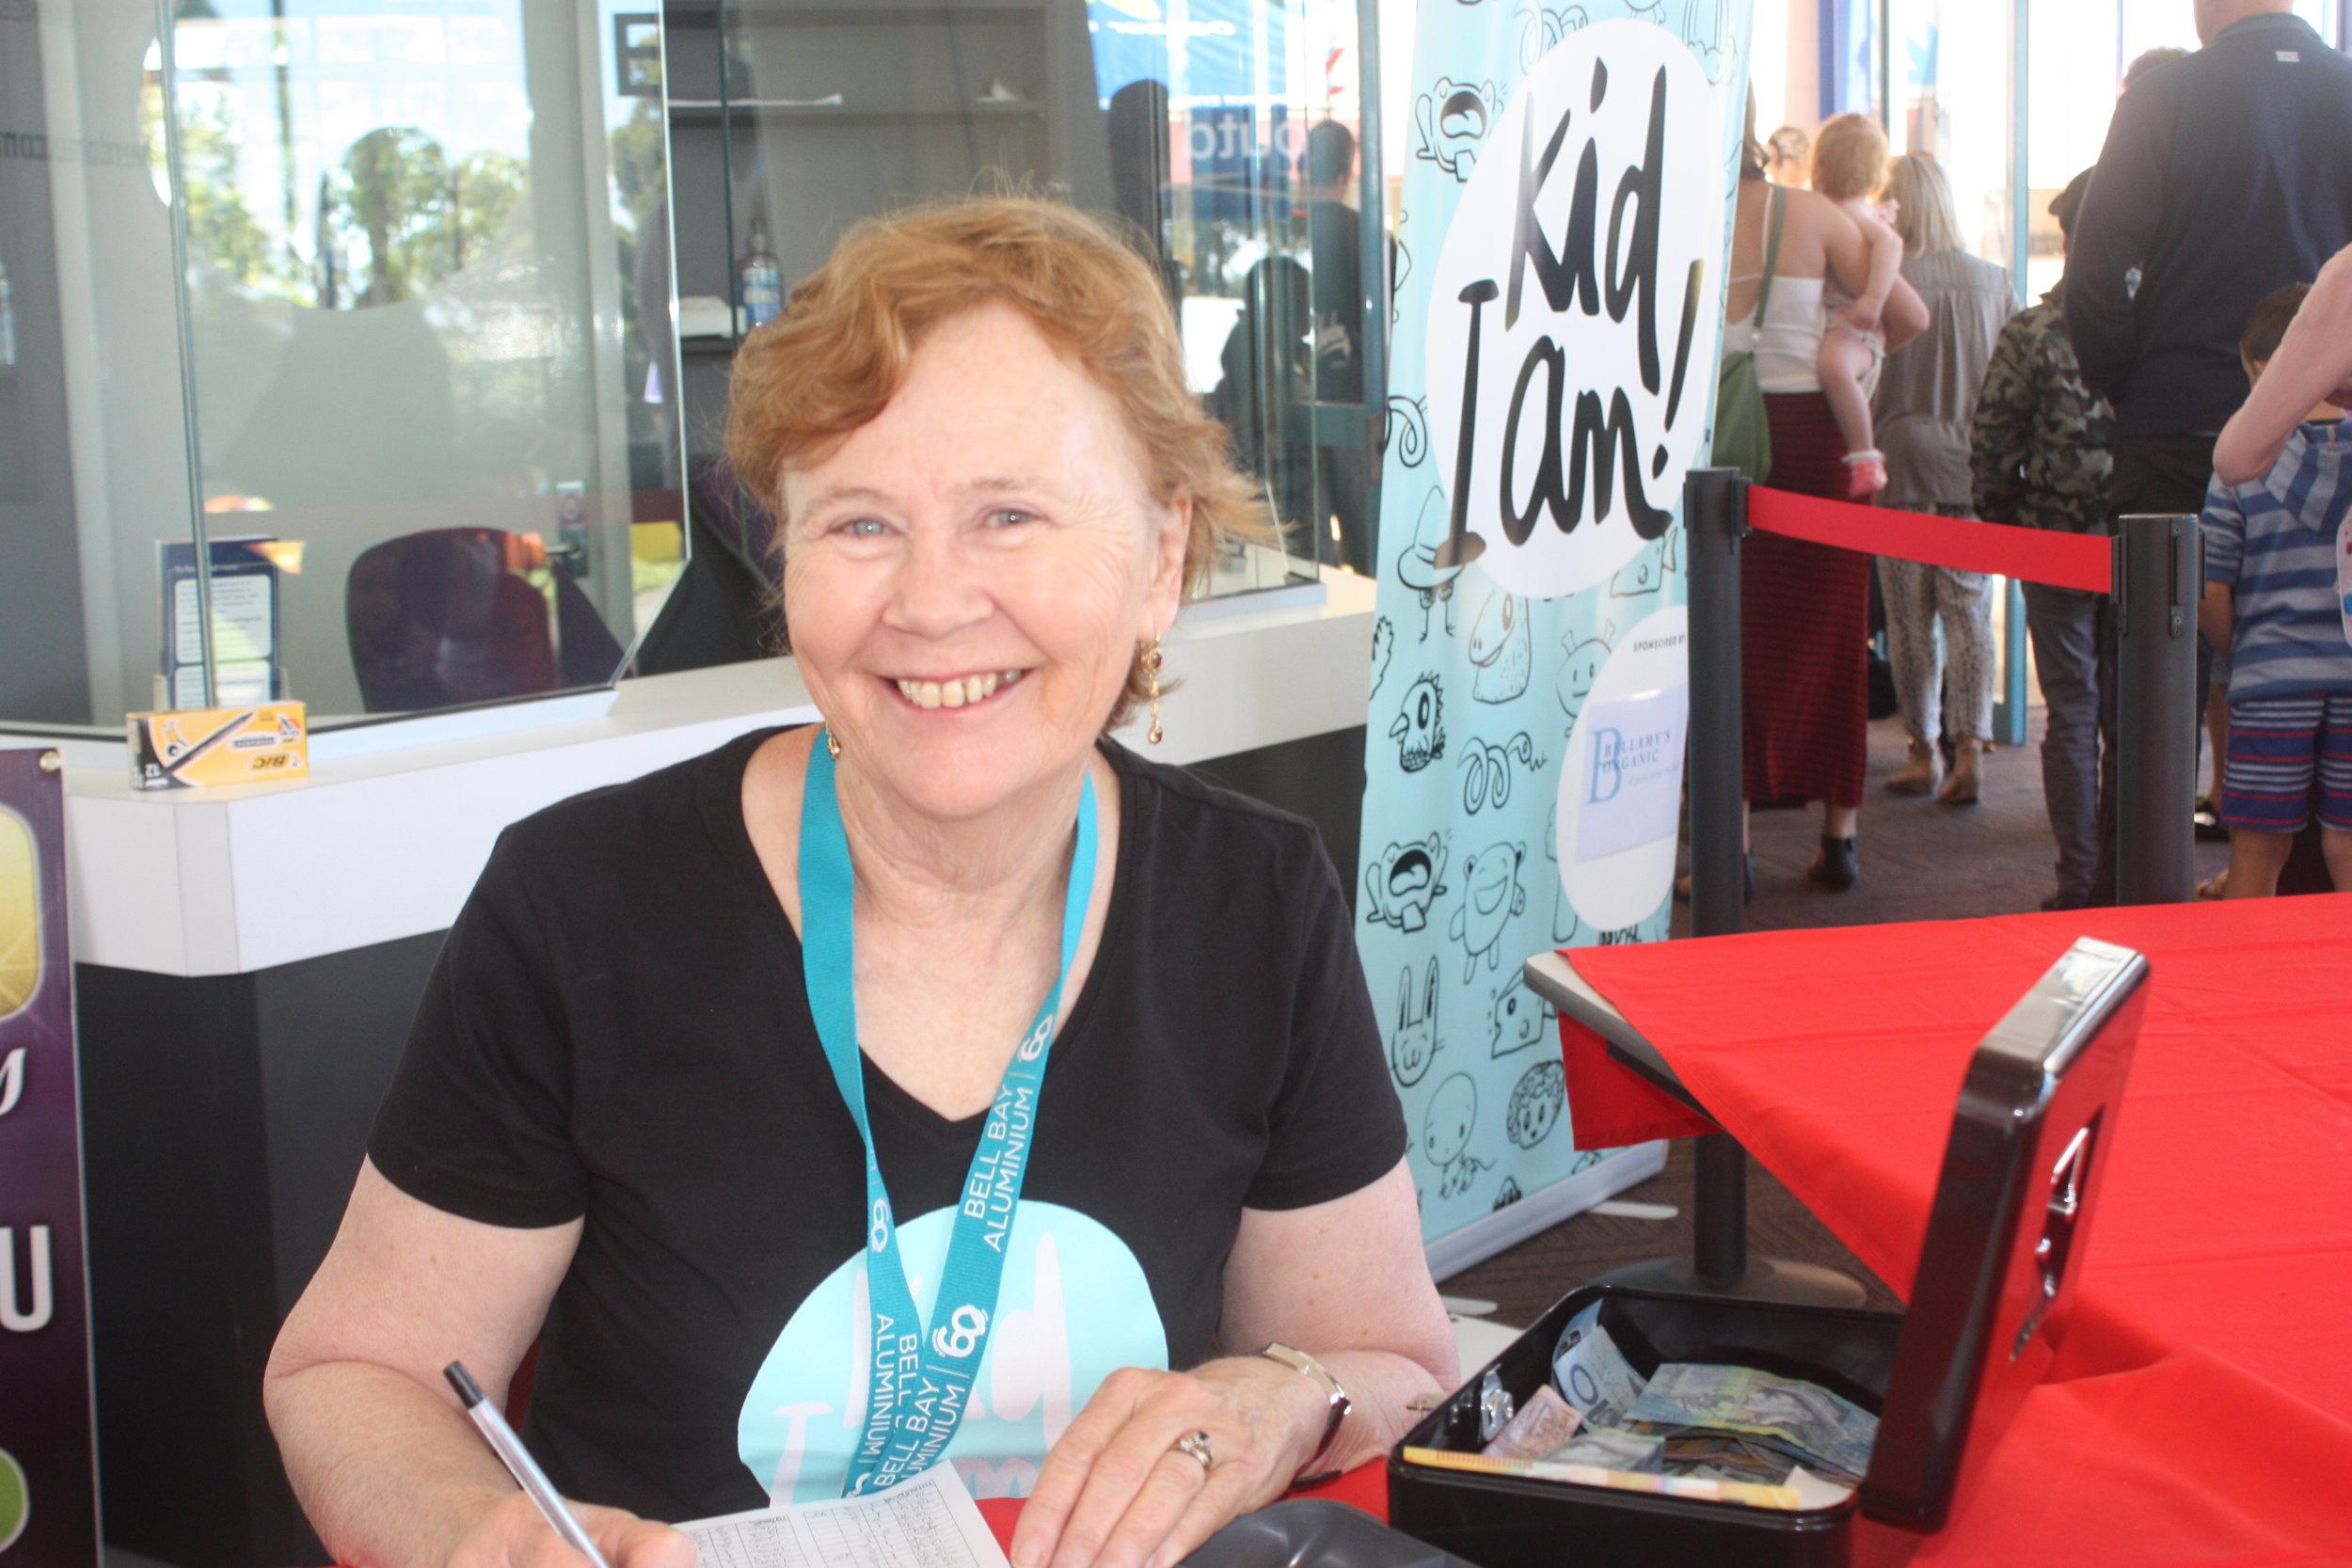 Smiley happy volunteer Valerie!